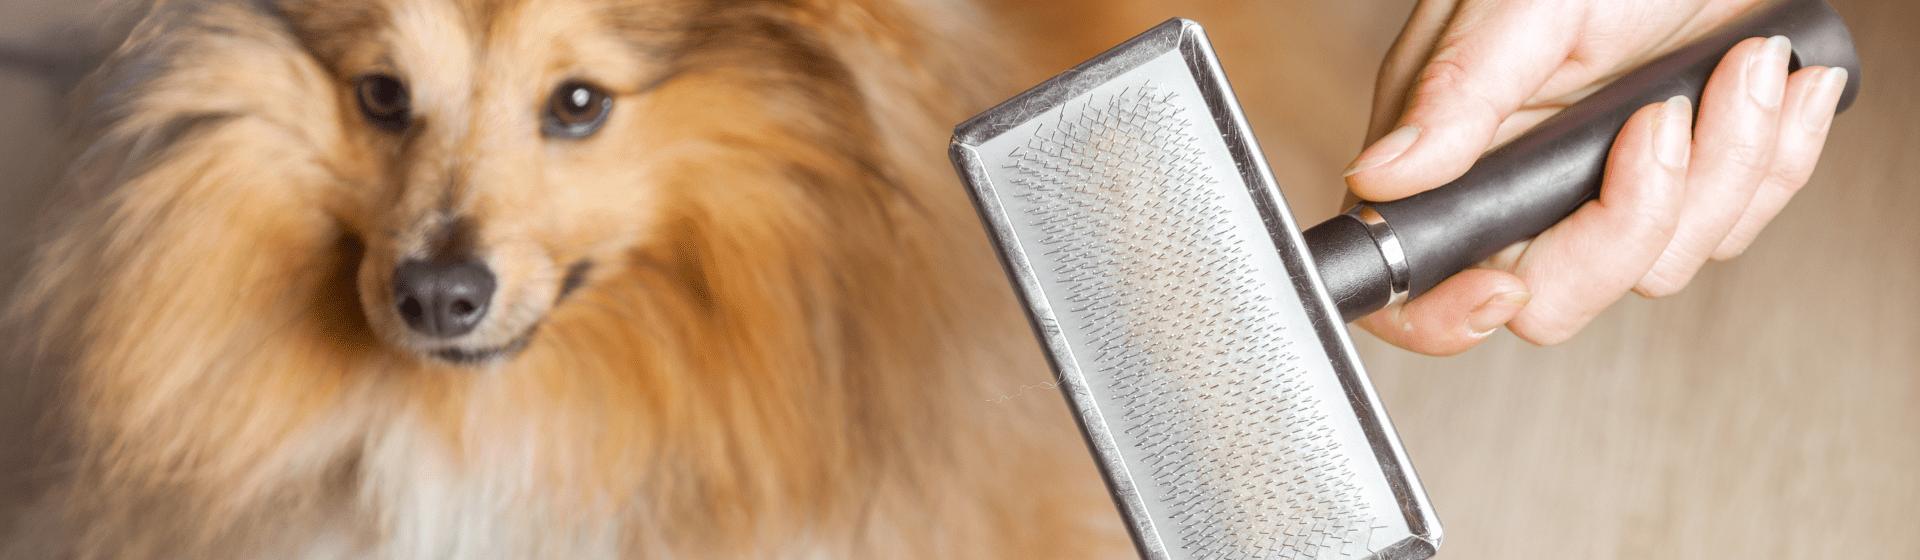 Escova para cachorro: qual é a melhor para cães?